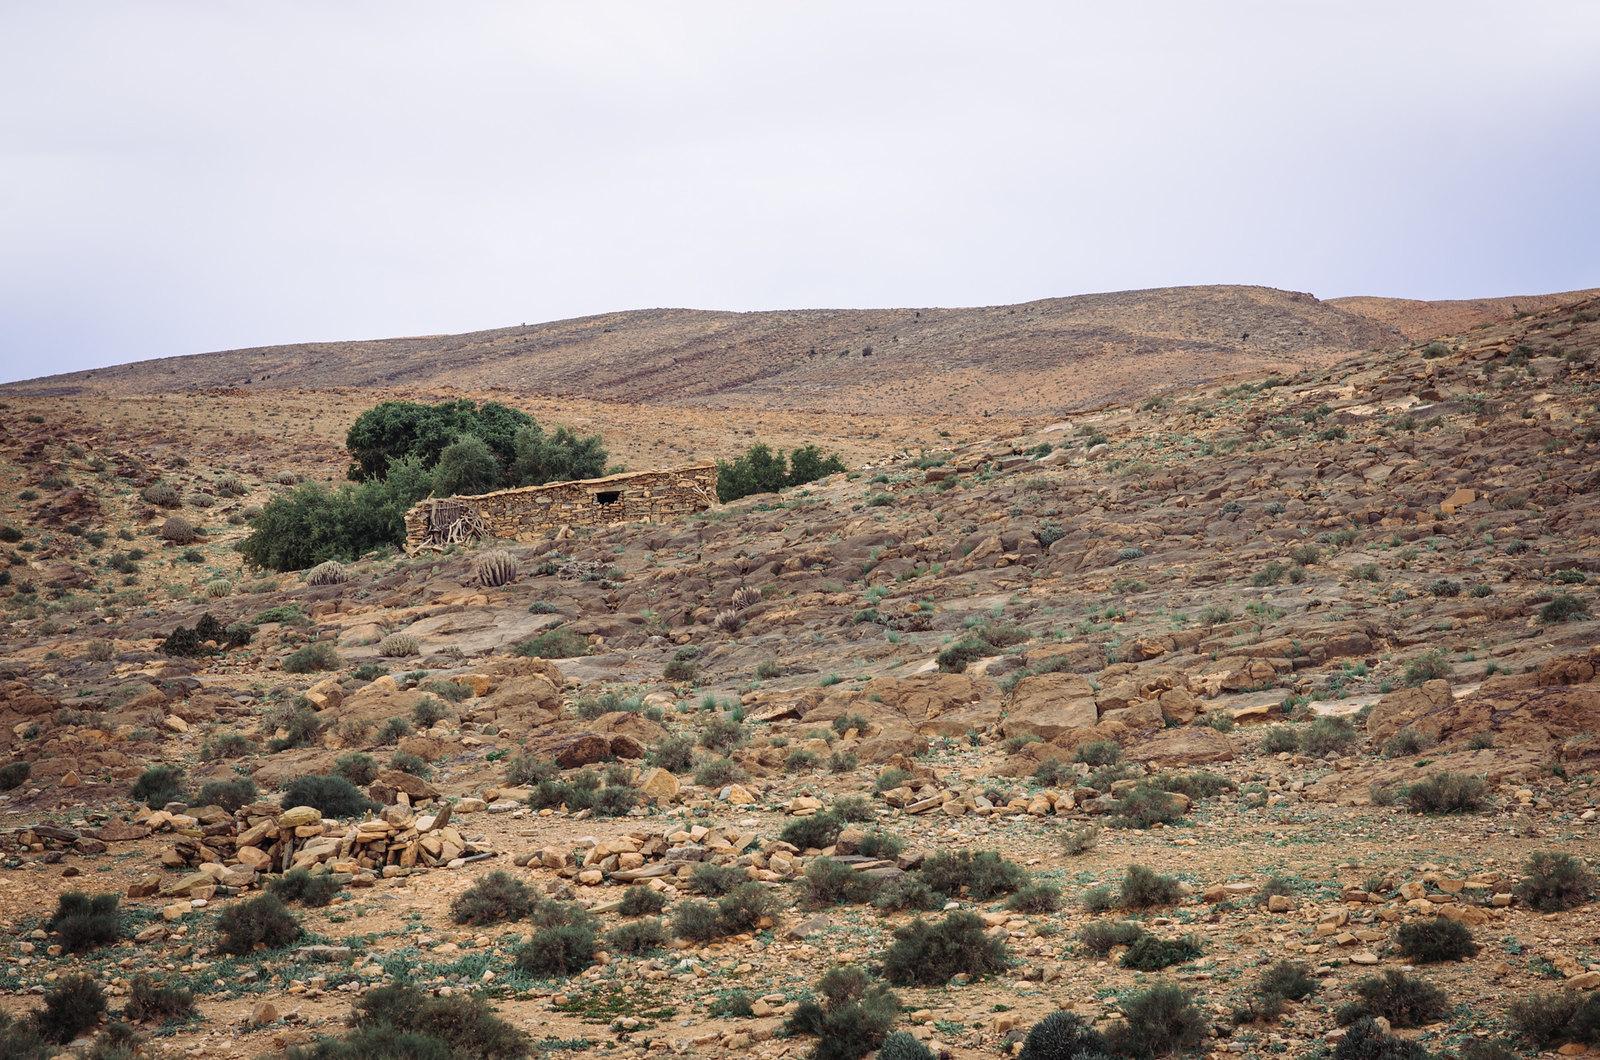 Trek sans guide au Maroc - 5 jours dans l'anti-Atlas - Maison